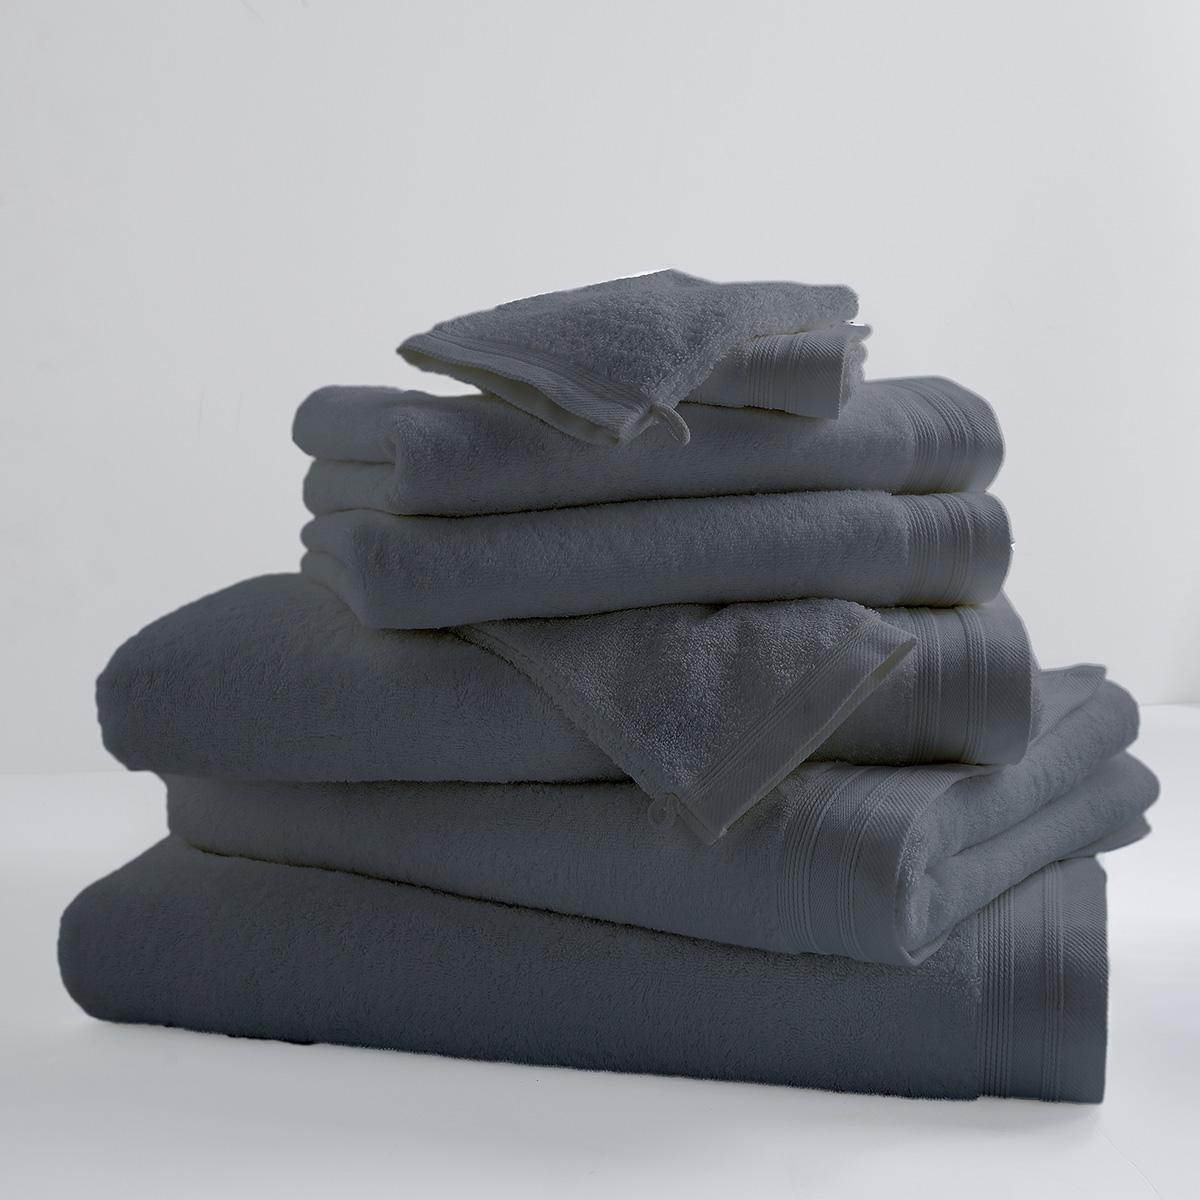 Drap de douche uni et coloré coton reglisse 140x70